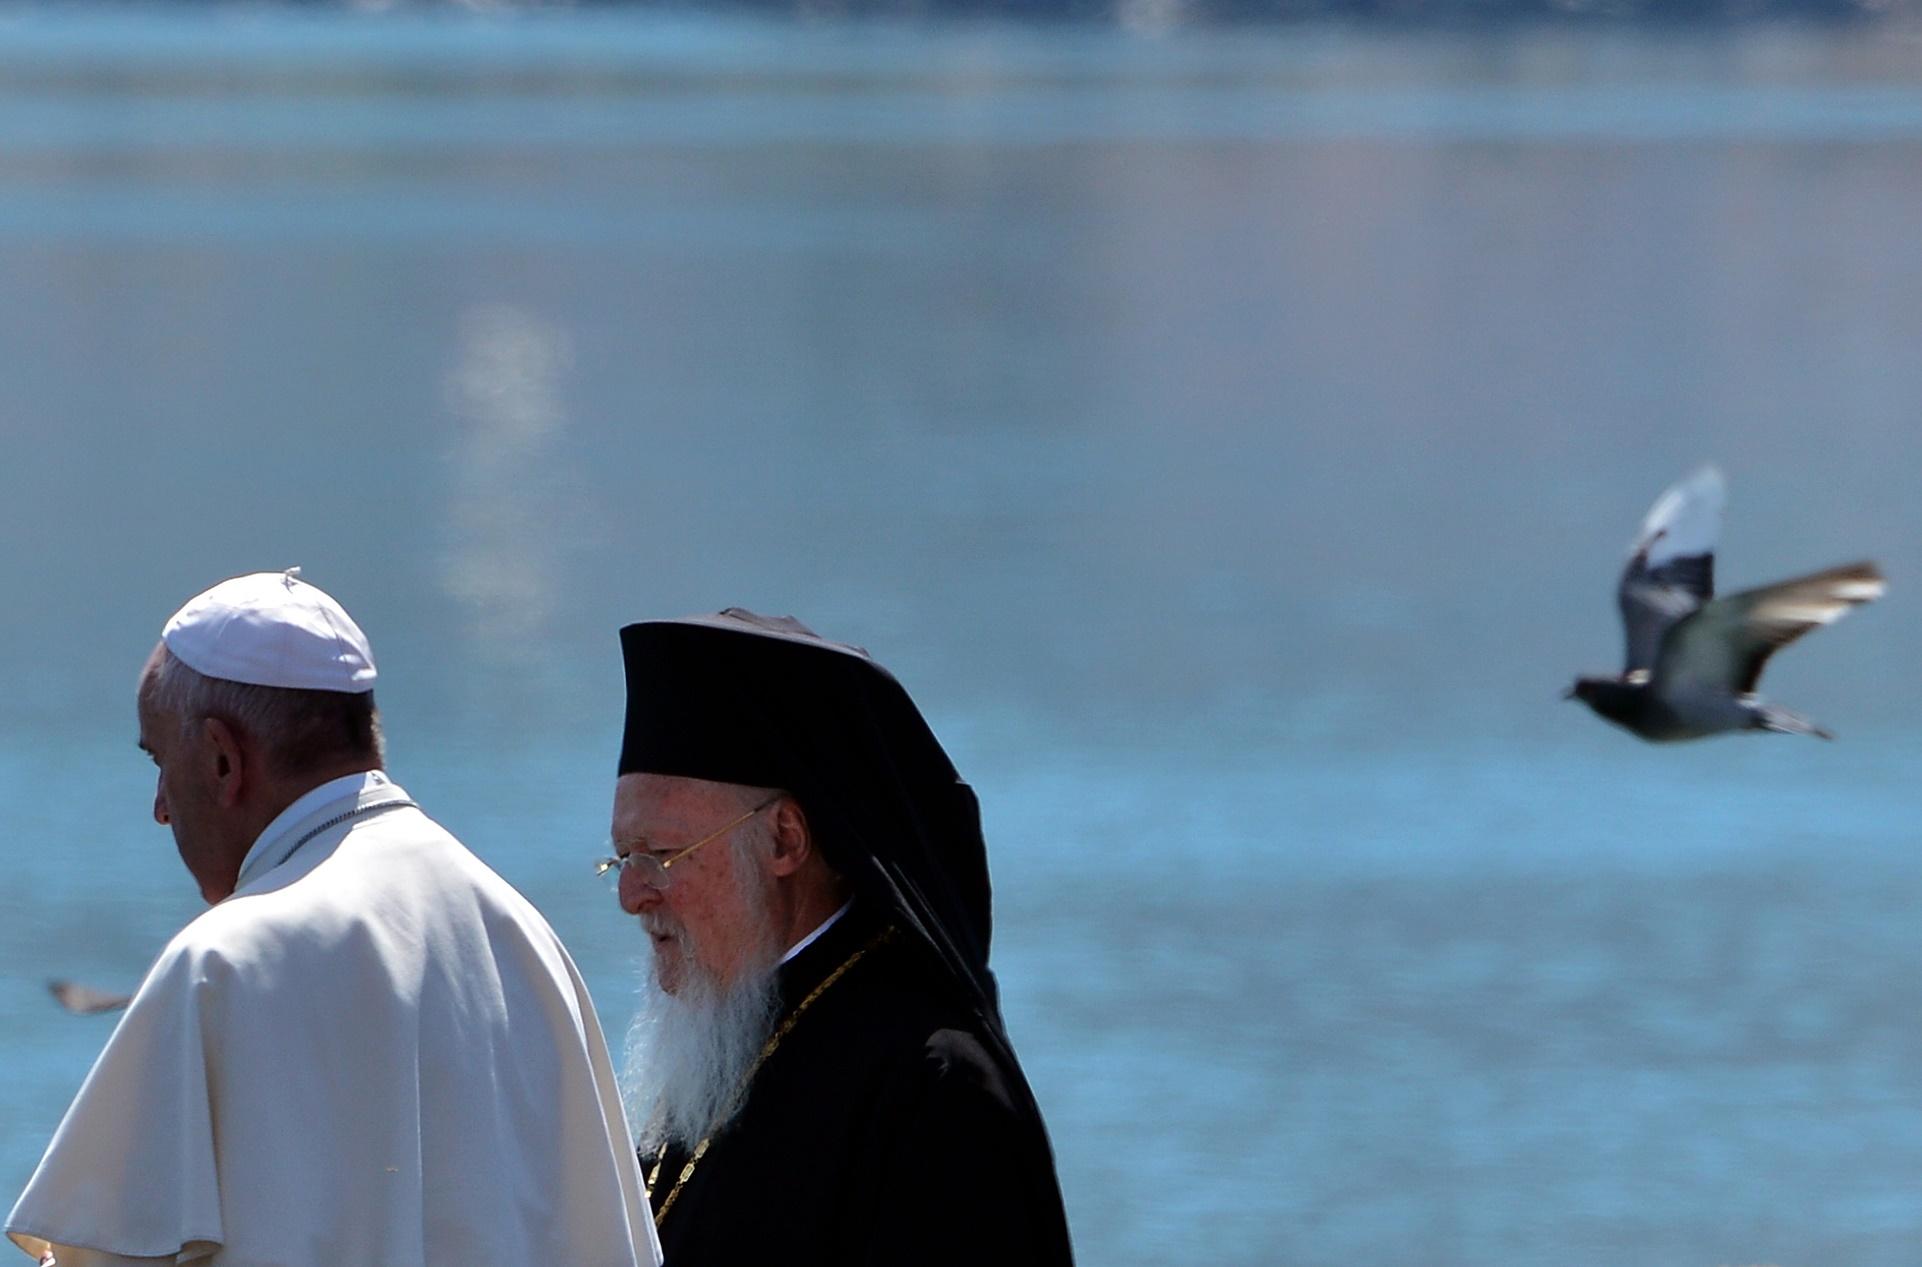 A habilidade do Papa Francisco tem sido fundamental para revigorar a posição da Igreja, apesar da contínua controvérsia sobre corrupção e abusos